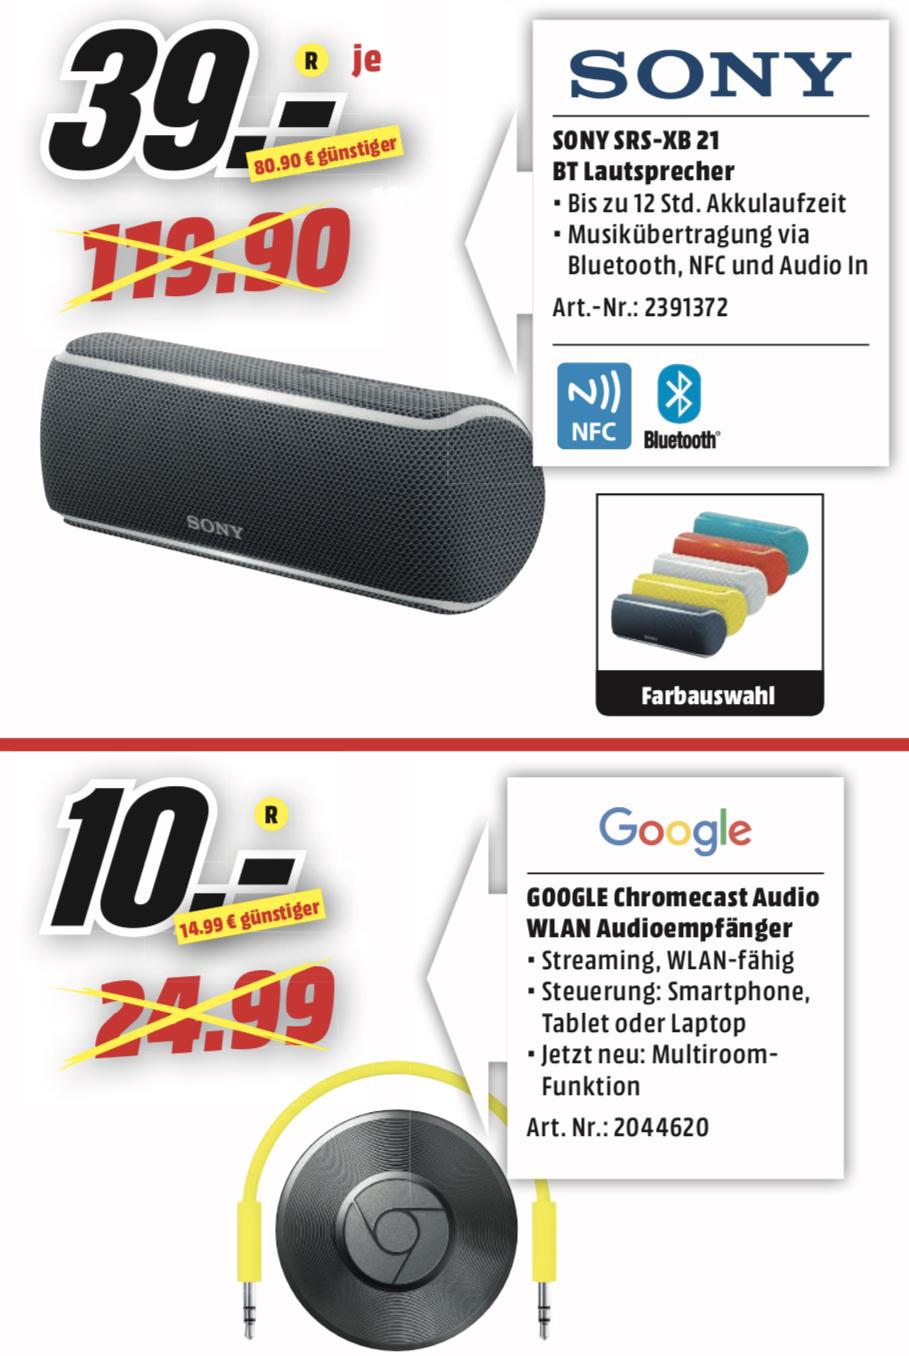 Lokal MediaMarkt Neunkirchen: Google Chromecast Audio Streaming Box für 10€ / Sony SRS-XB21 Bluetooth-Lautsprecher für 39€